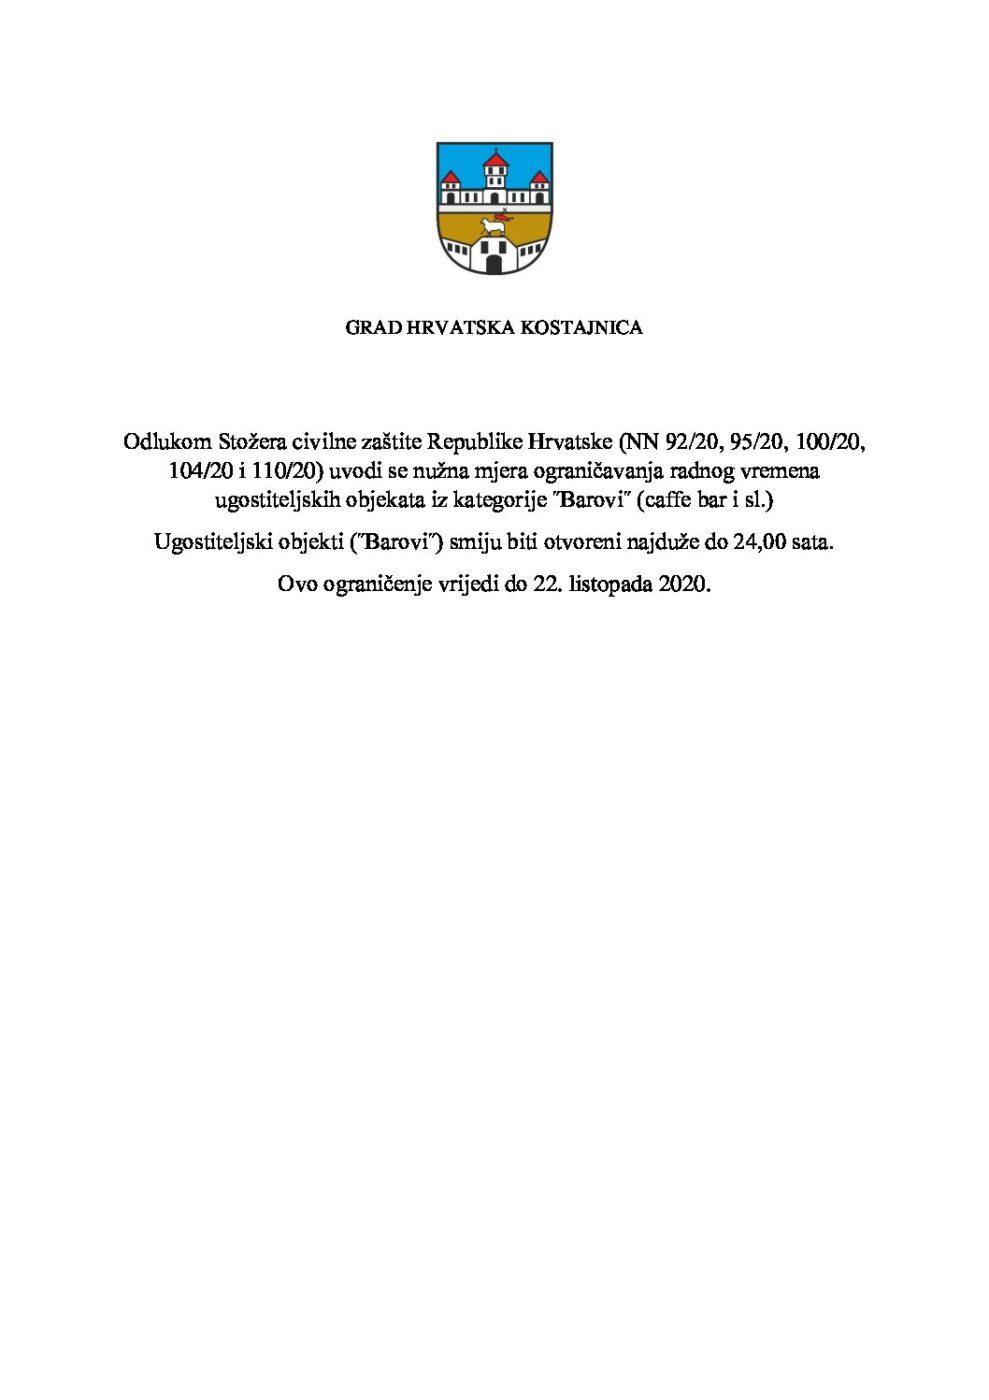 Odluka Stožera civilne zaštite Republike Hrvatske o ograničavanju radnog vremena ugostiteljskih objekata